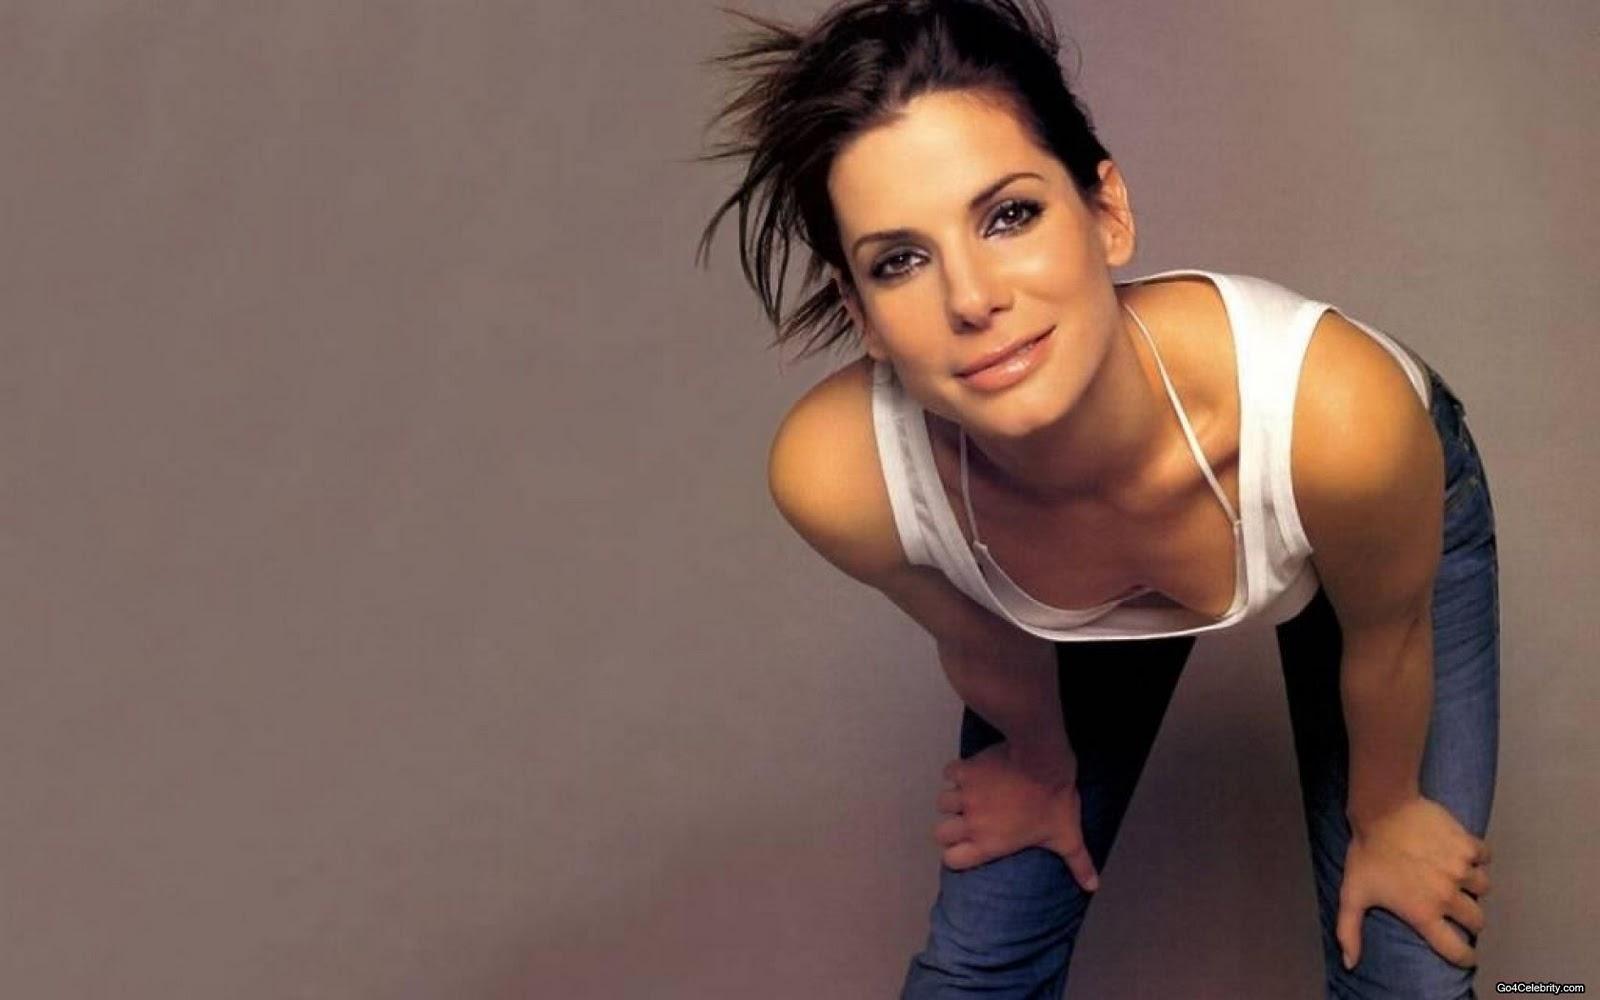 Sandra-Bullock-Hot-Still.jpg